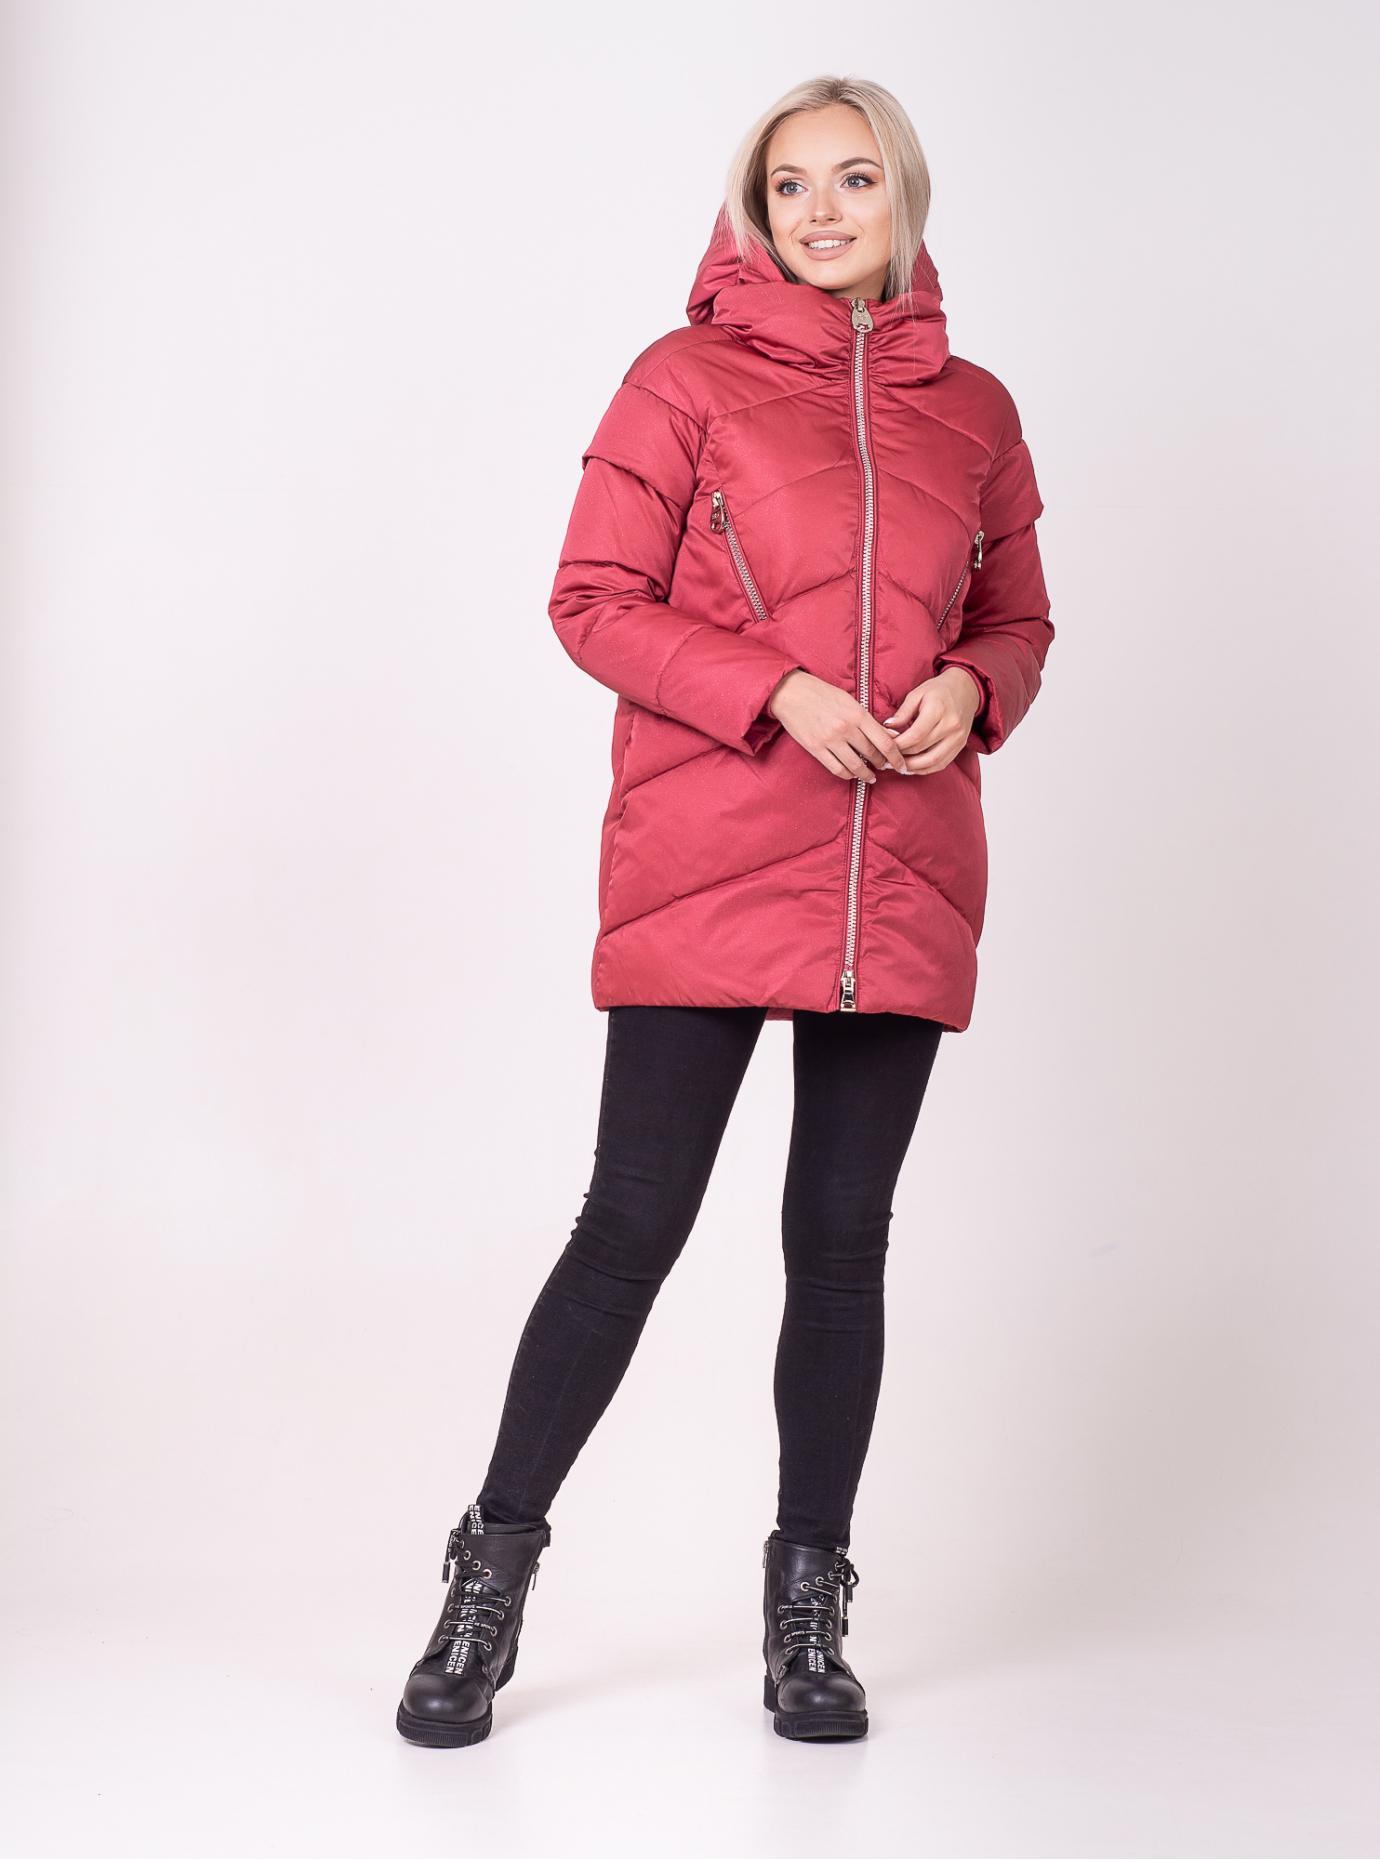 Зимняя куртка-жилет средней длины Ягода 42 (01-N200276): фото - Alster.ua